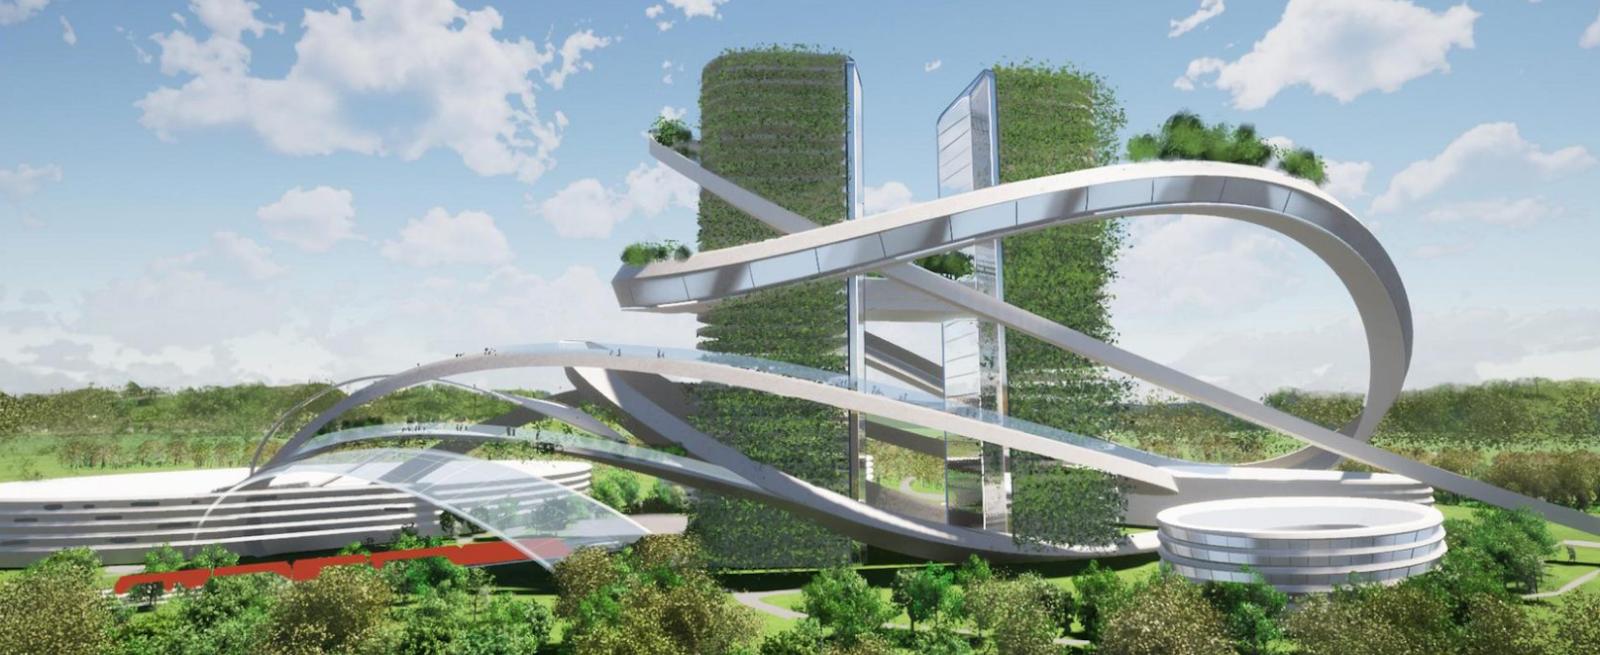 Проект здания «Н» в стиле вертикального парка у озера Полянское в Паркограде